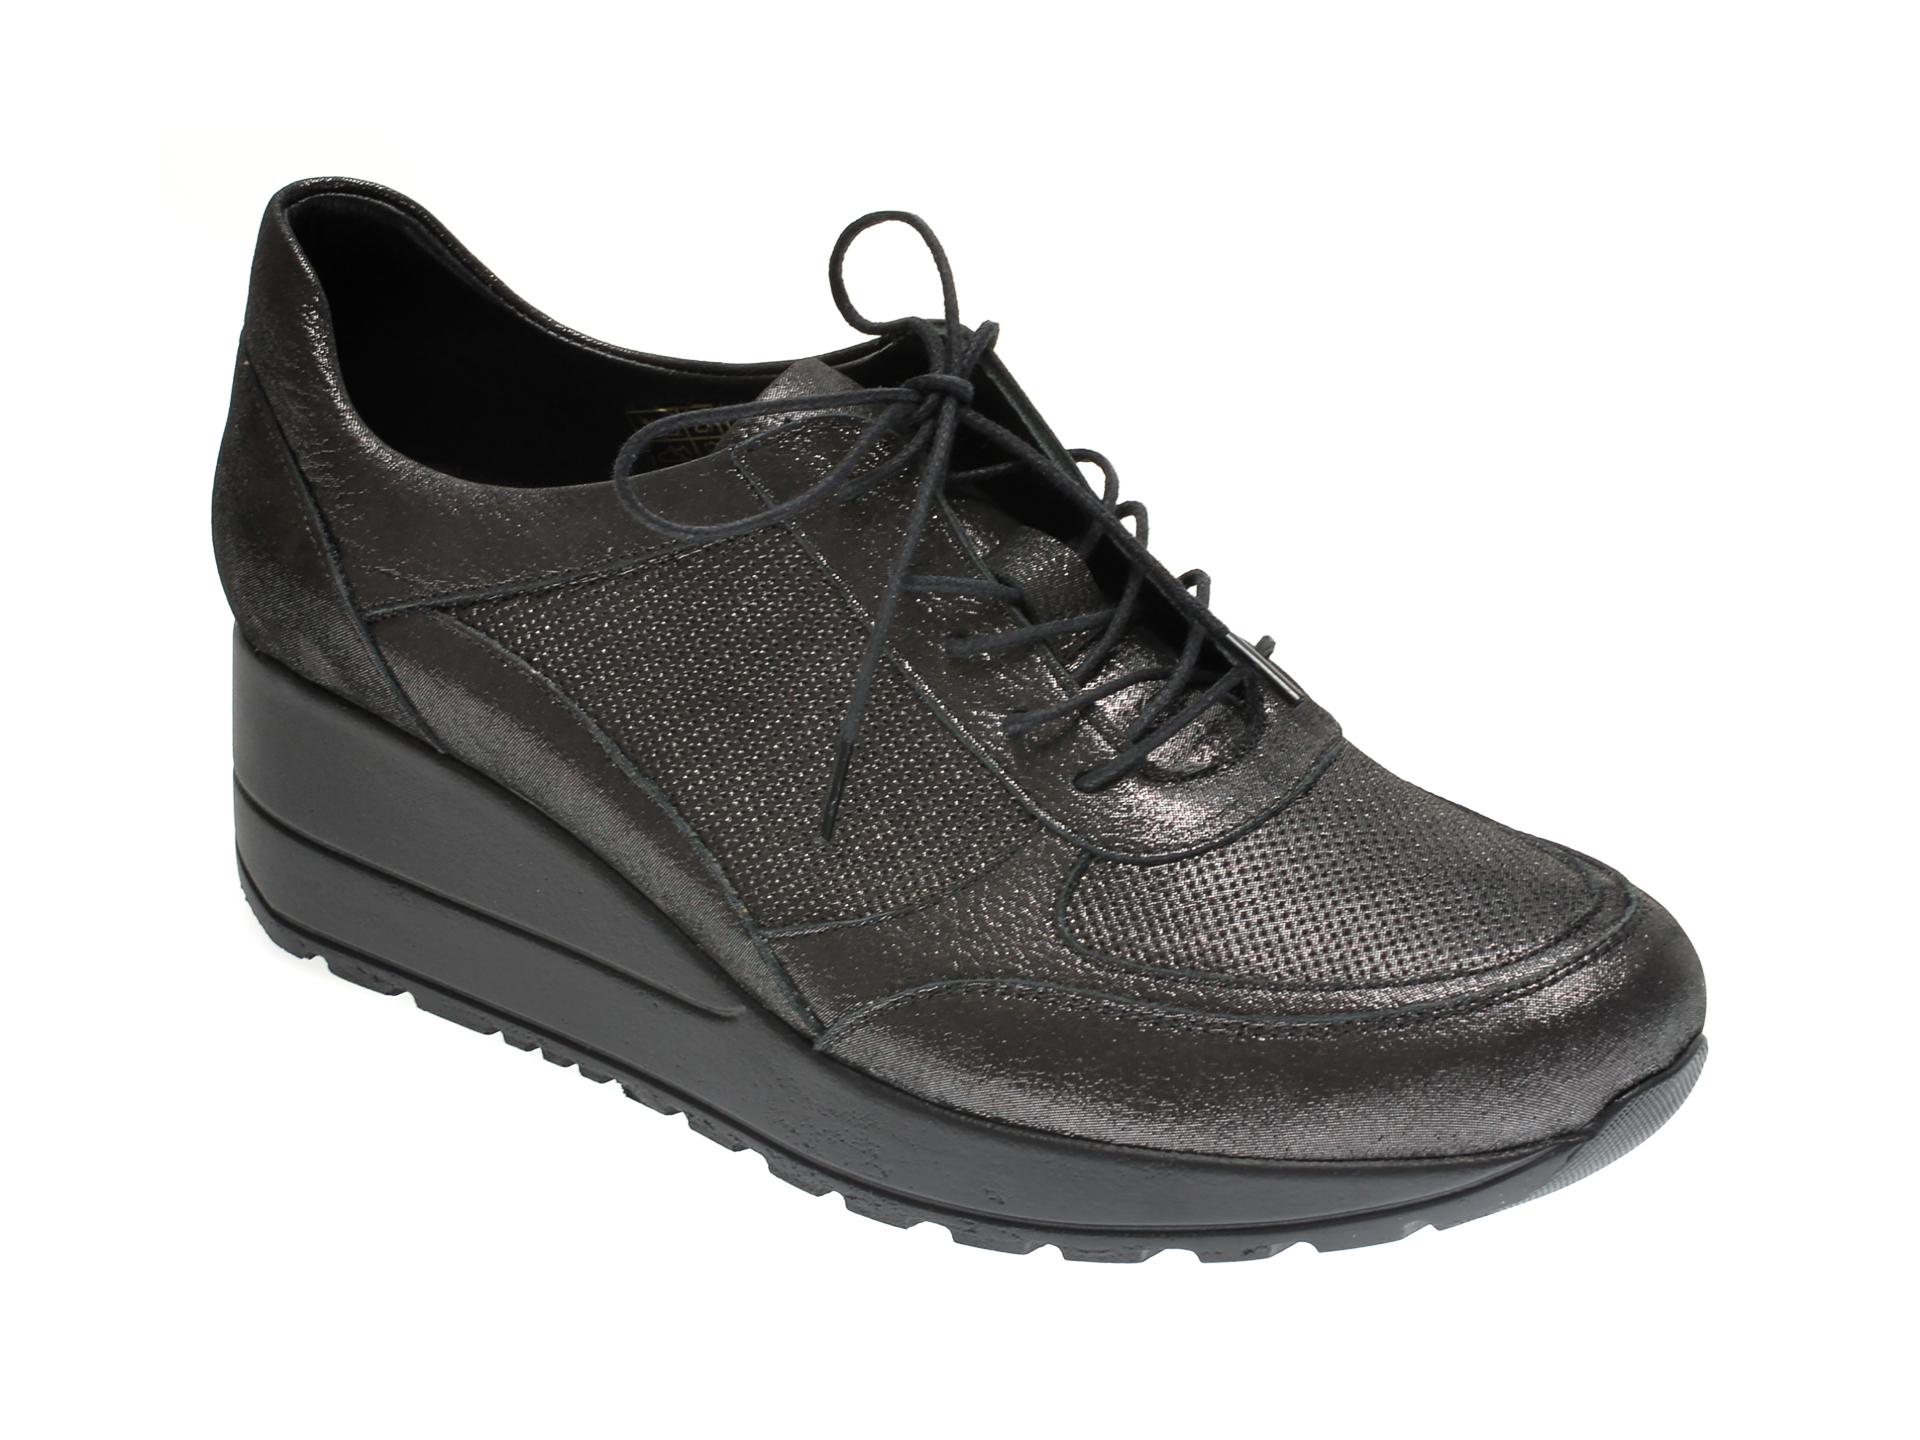 Pantofi ILOZ gri, 6026, din piele naturala imagine